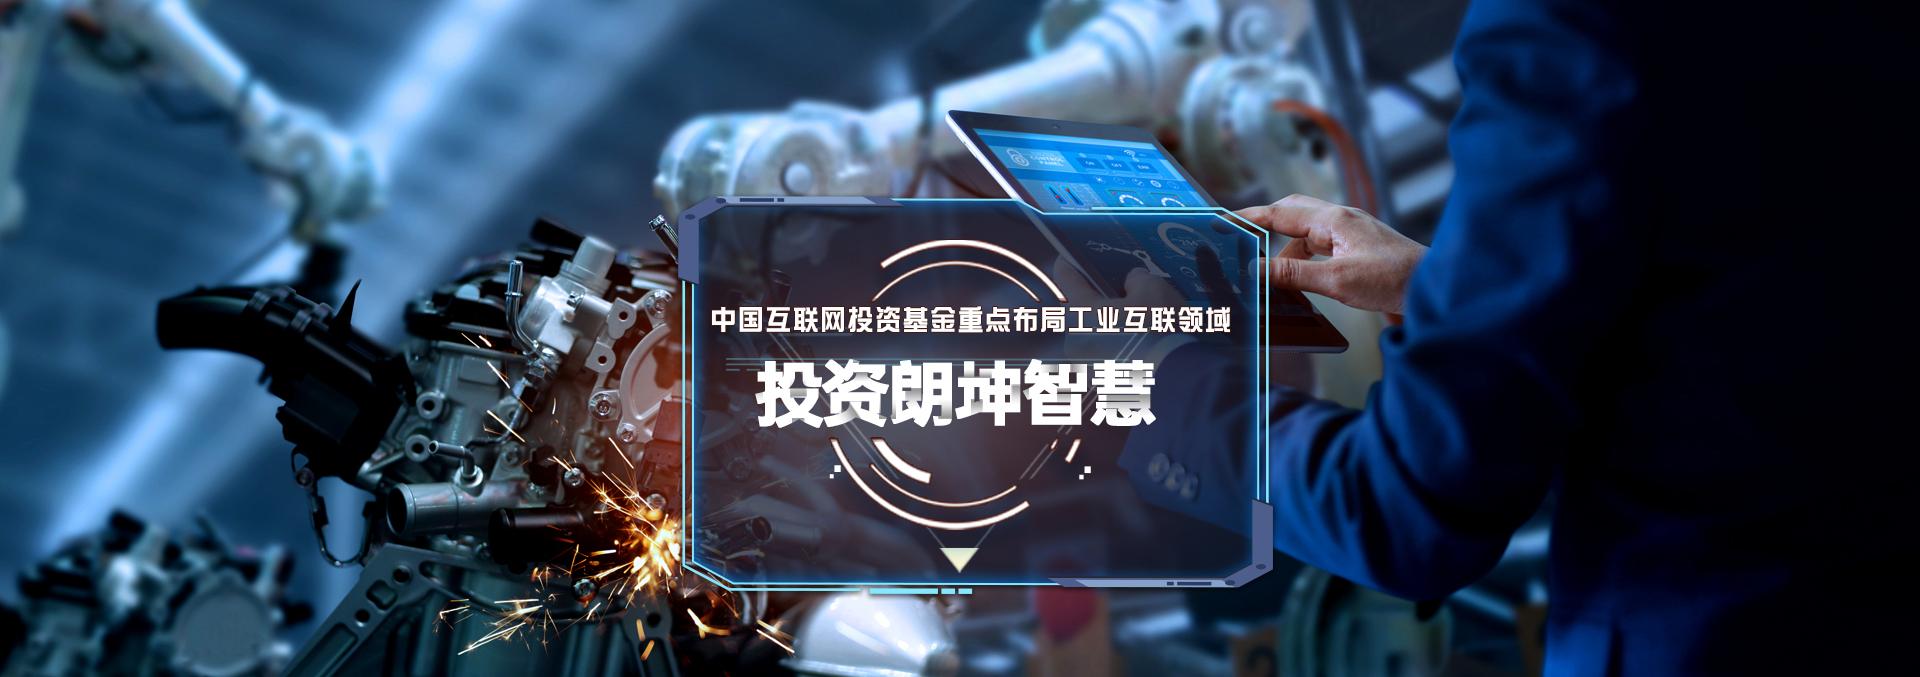 朗坤智慧获中国互联网投资基金近亿元投资